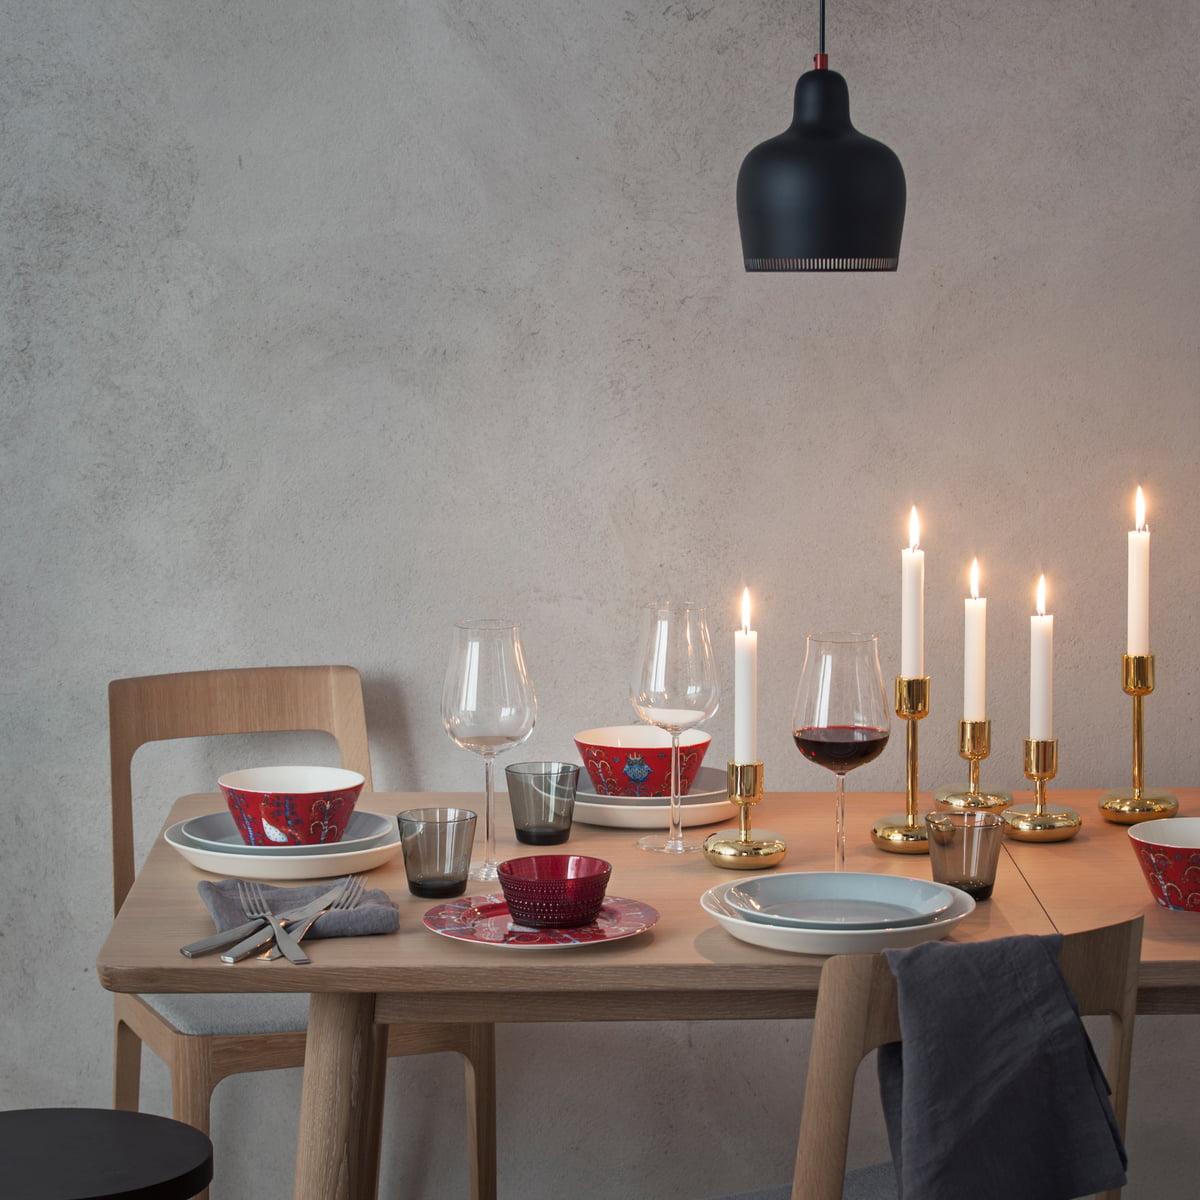 teema hvid fra iittala shop online hos connox. Black Bedroom Furniture Sets. Home Design Ideas